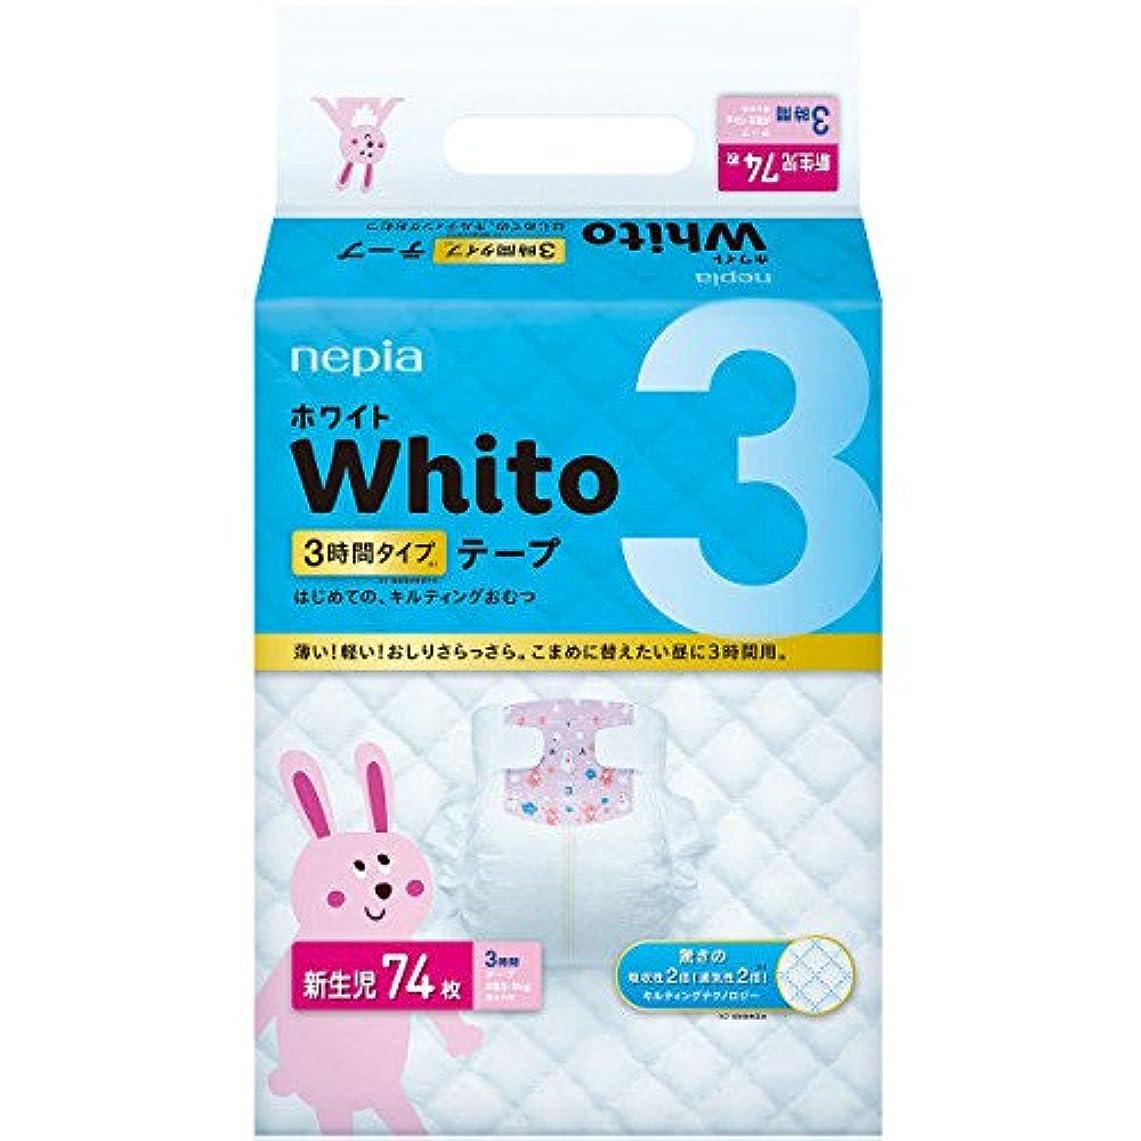 素子生き物未接続ネピア Whito(ホワイト) テープ 新生児 3時間タイプ 74枚【4個セット(ケース販売)】